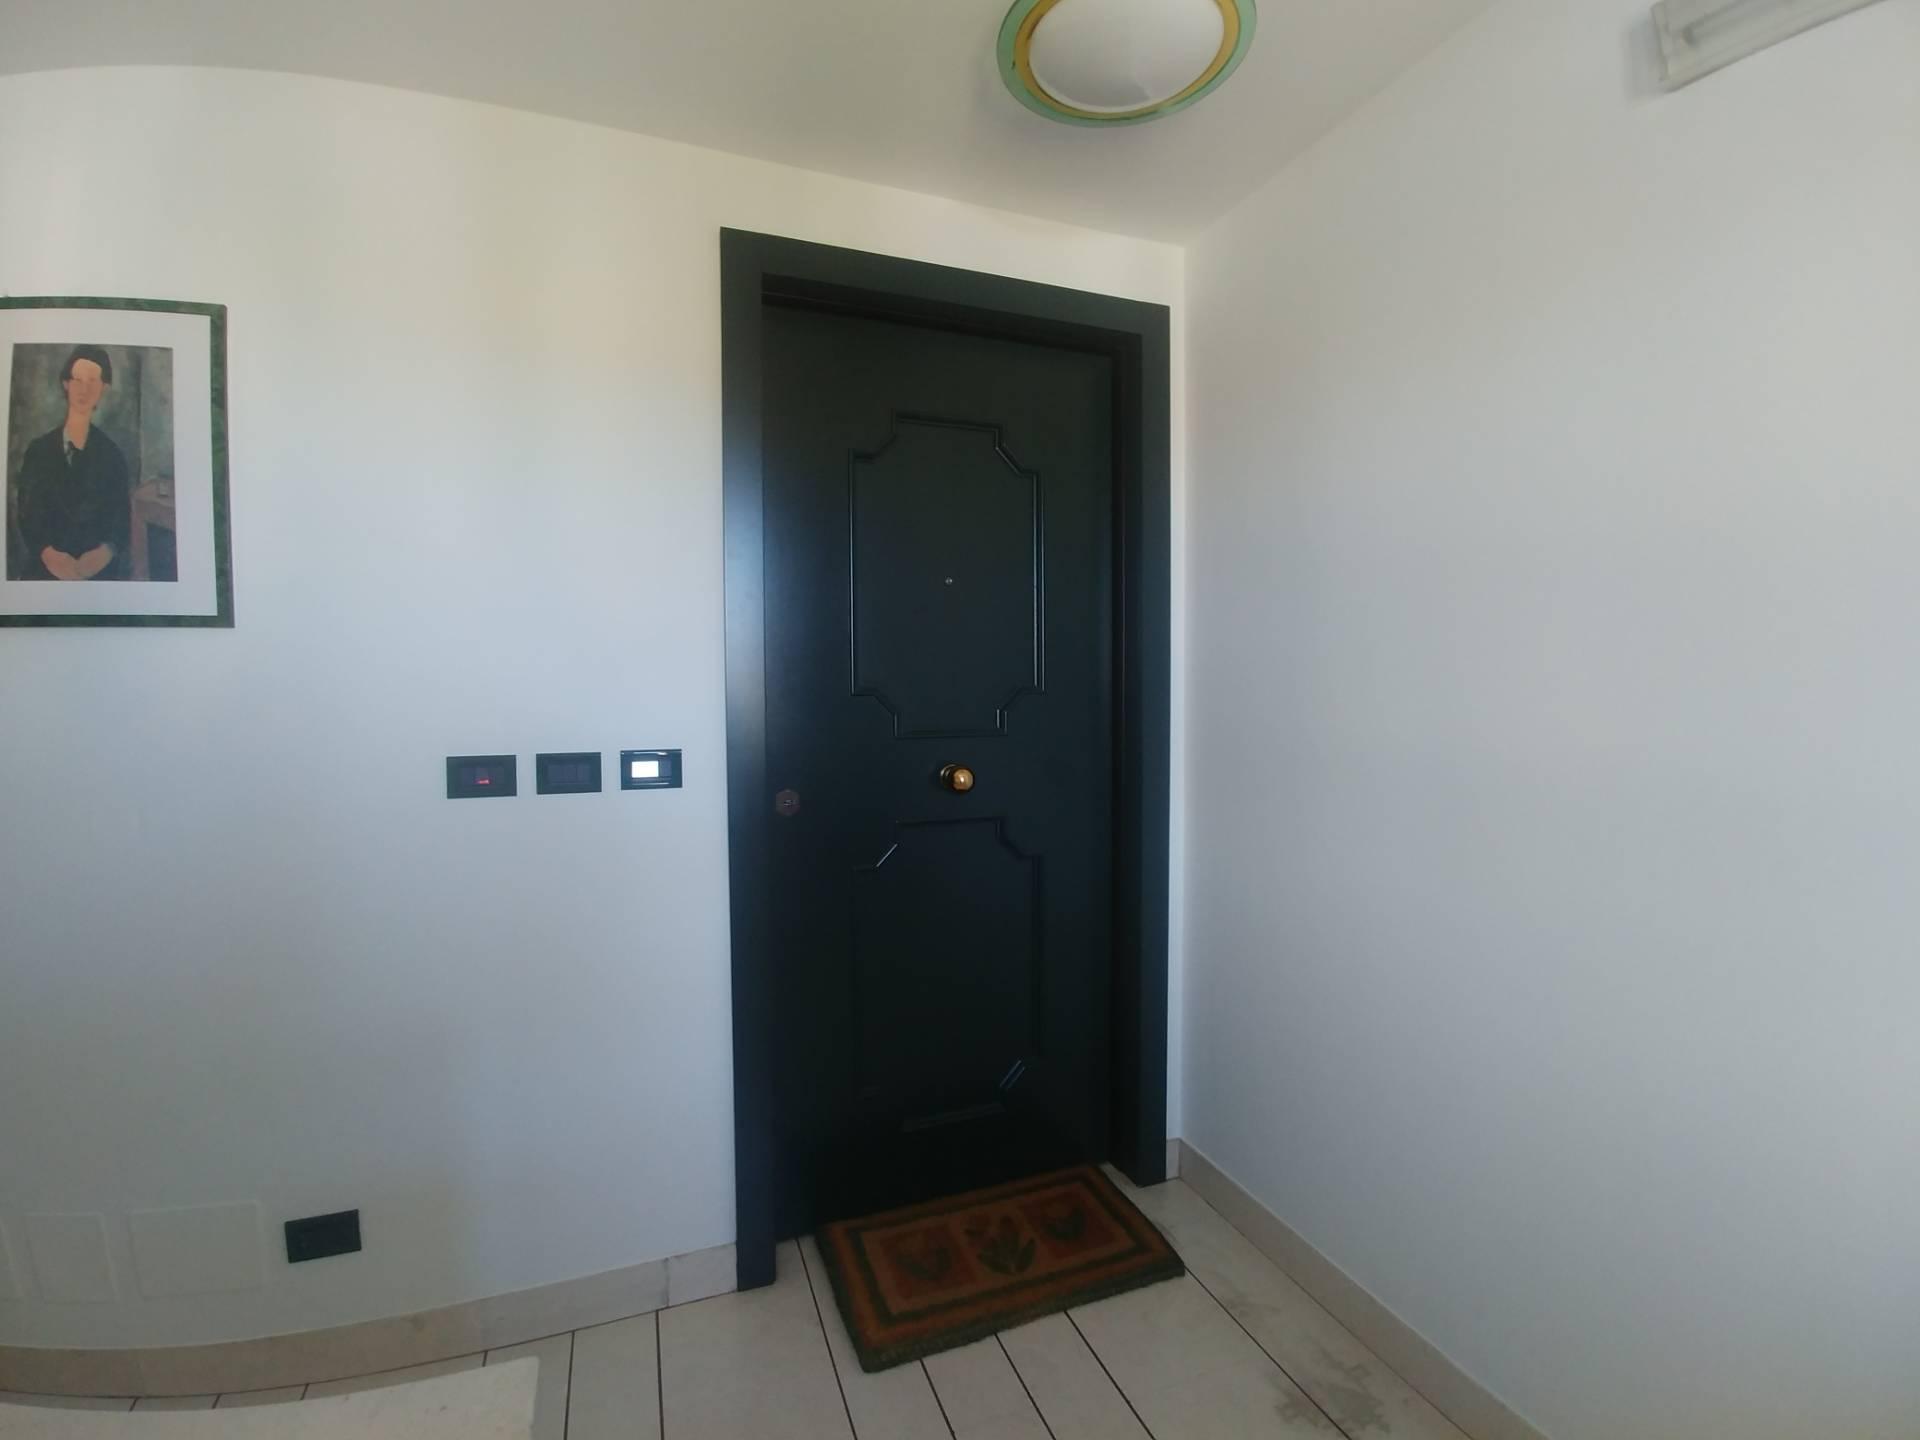 Appartamento in affitto a Udine, 3 locali, zona Località: Paderno, prezzo € 550 | CambioCasa.it